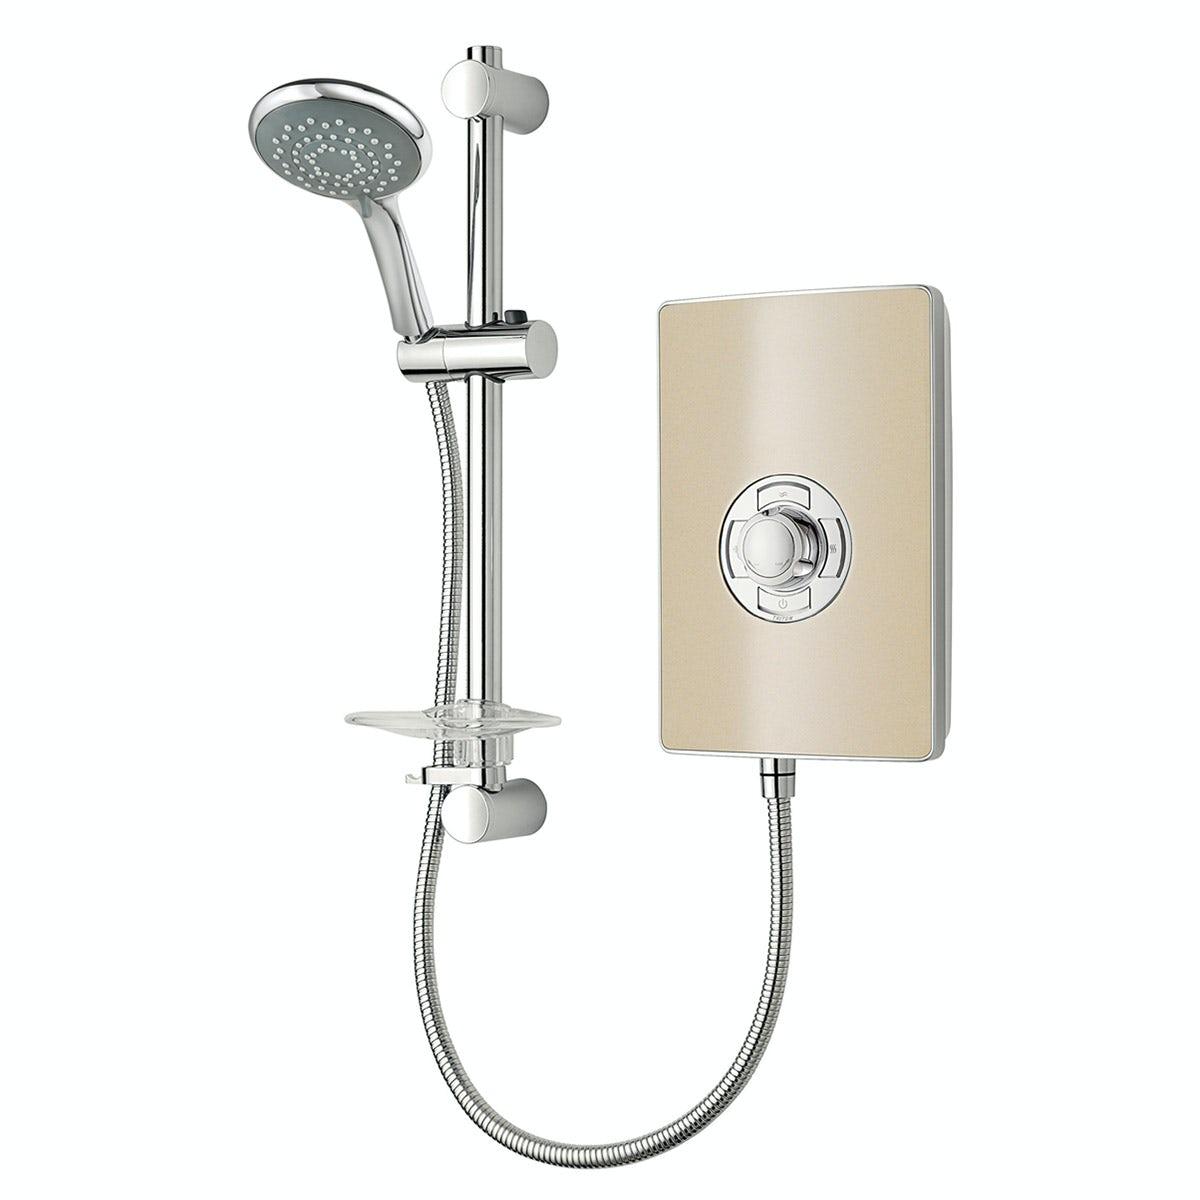 Triton aspirante 9 5kw electric shower riviera sand for Housse aspirante